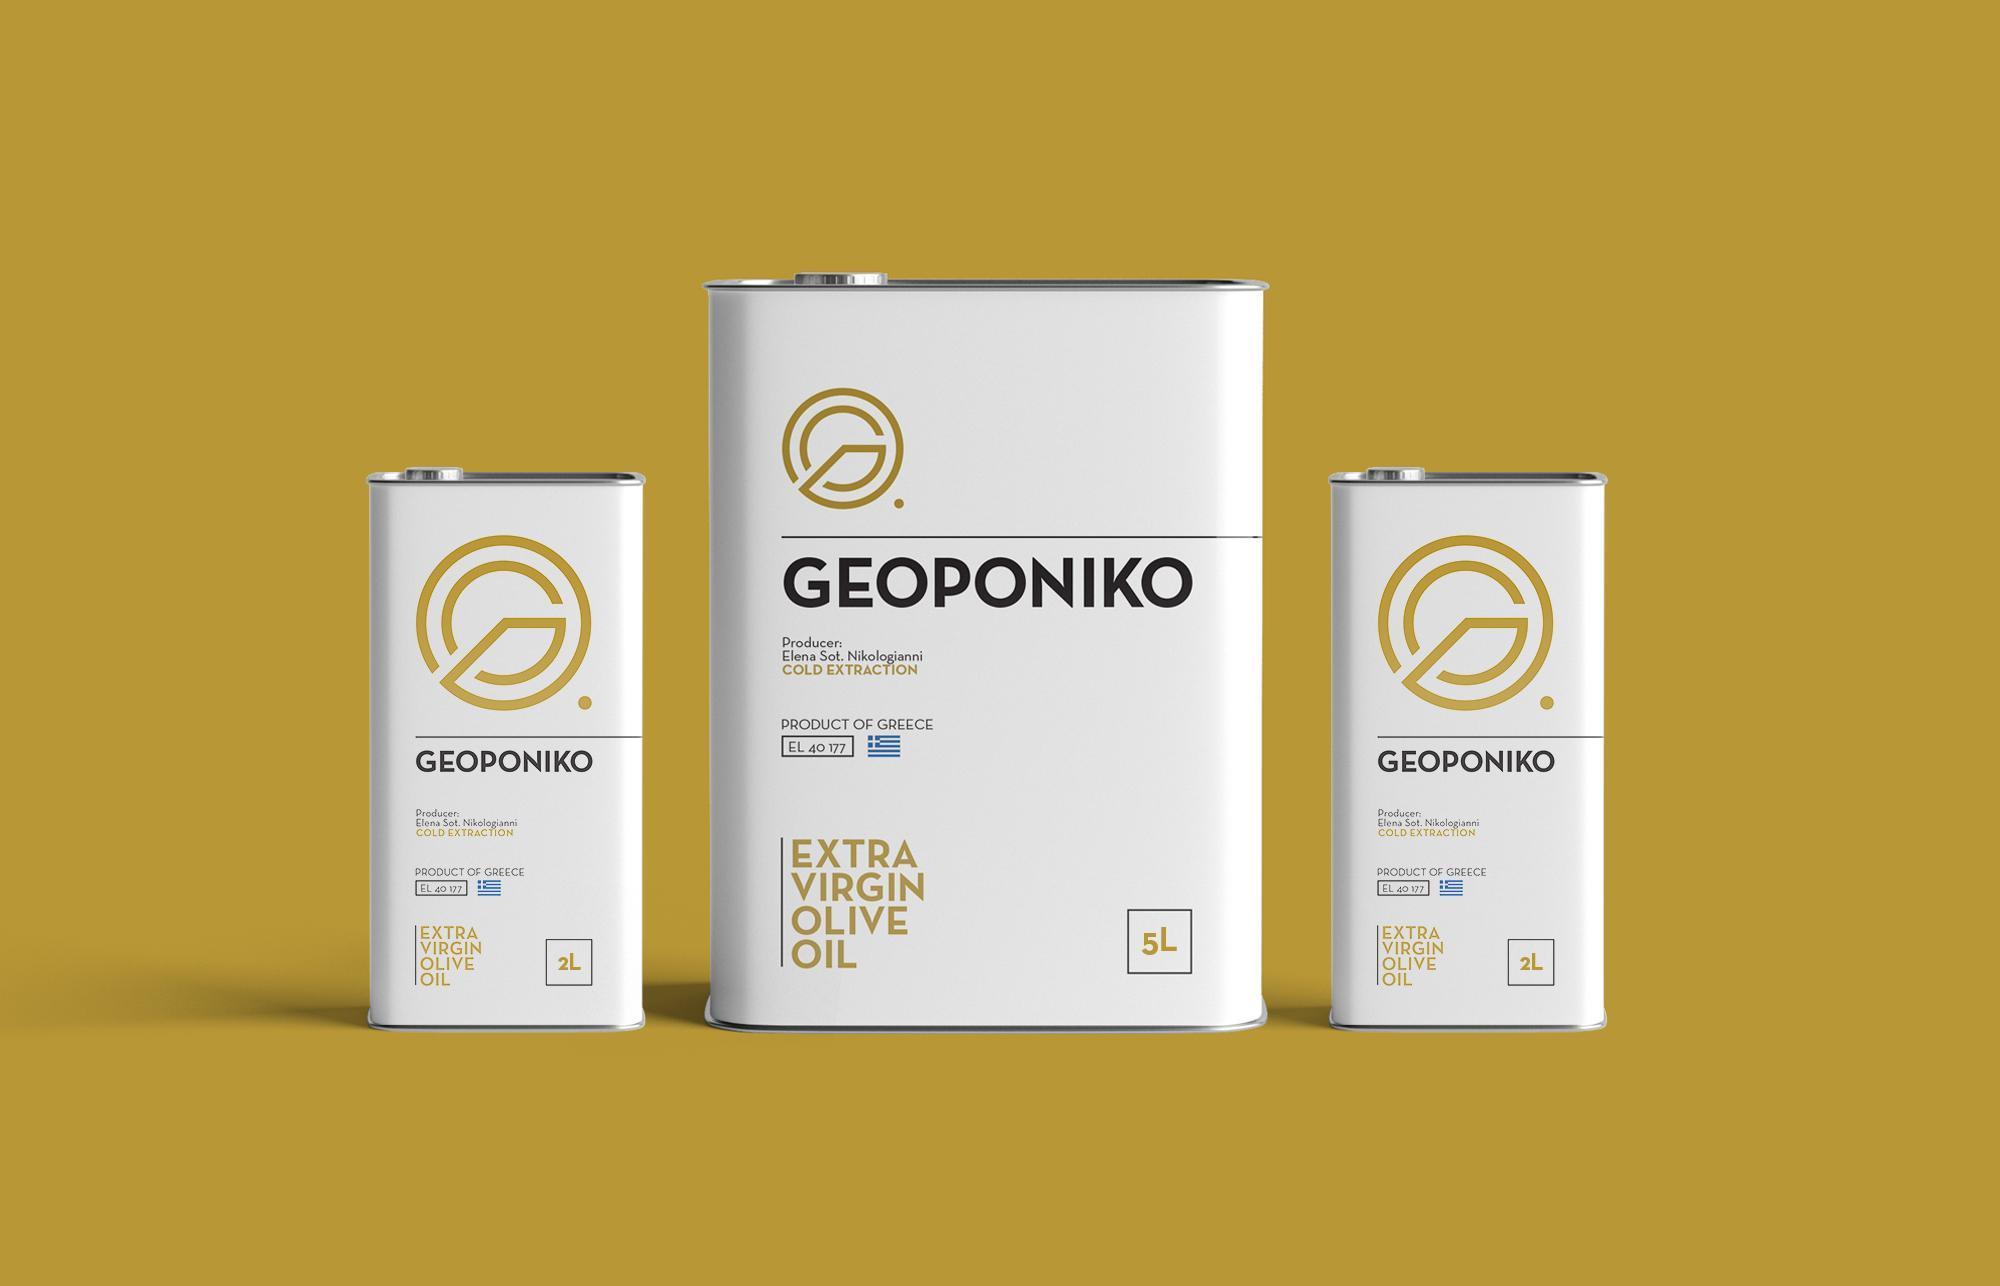 27cc2dadd9bf GeoponikoWebsite9-1